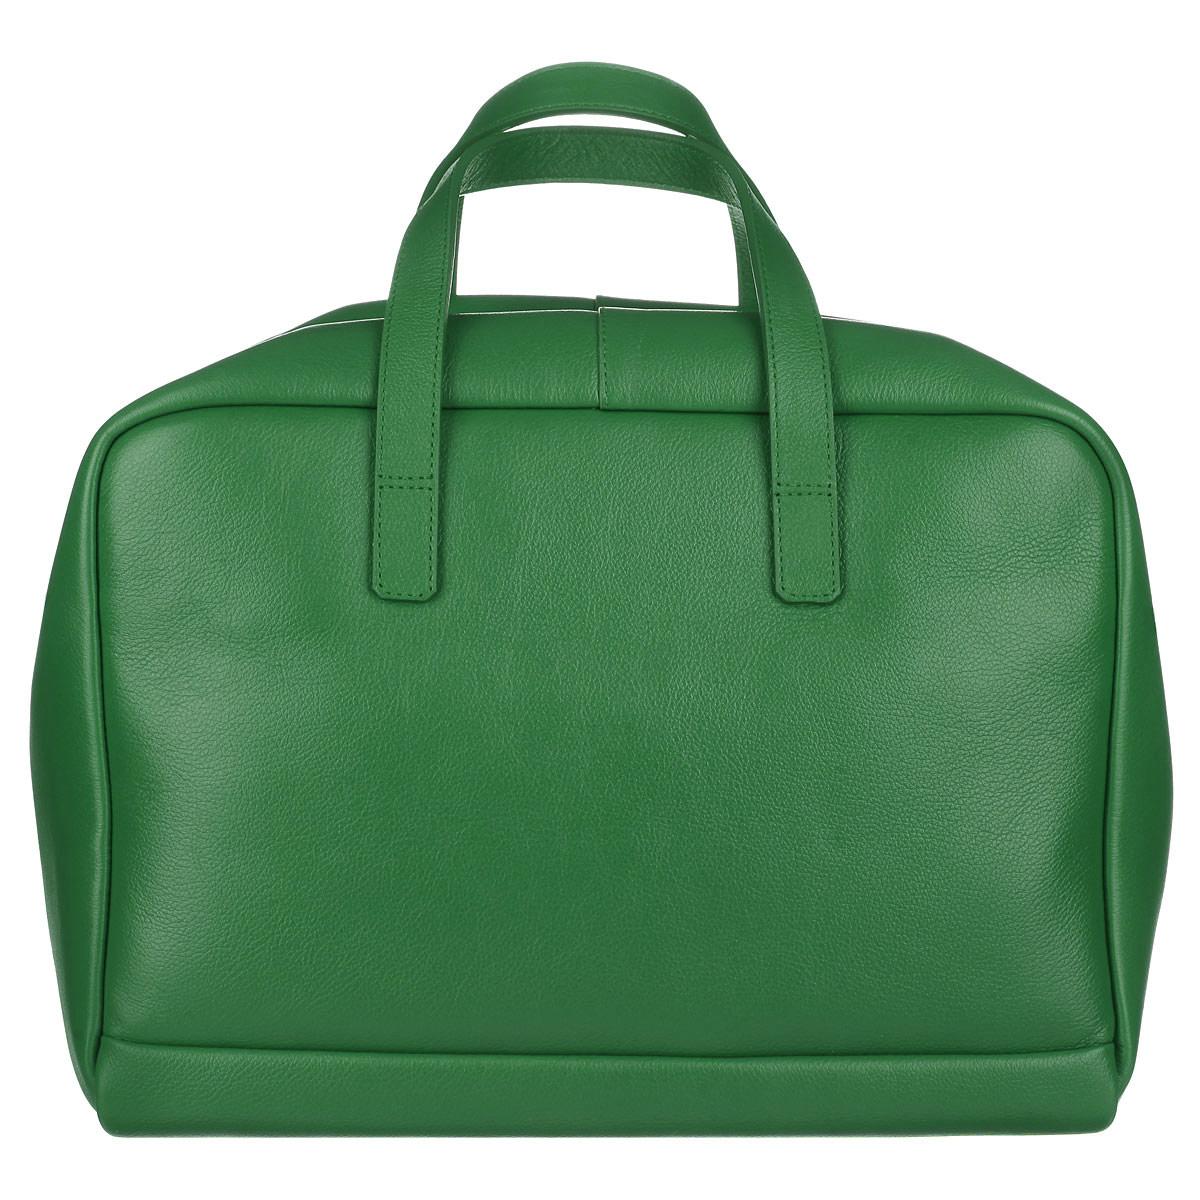 Сумка женская Fabula, цвет: зеленый. S.143.FPS.143.FP. зеленыйСовременная вместительная женская сумка Fabula из коллекции Every day выполнена из натуральной кожи. Эта модель понравится практичным модницам. Здесь стиль и функциональность превосходно сочетаются и гармонично завершают практически любой образ. Закрывается сумка на застежку-молнию. Внутри основное отделение содержит четыре боковых нашивных кармана для телефона, документов и различных мелочей. Сумка оснащена ручками для ношения в руке или сгибе локтя. В комплекте ручка-ремень. Такая стильная и в то же время, элегантная сумка - станет идеальным дополнением к вашему образу! Ширина сумки - 30 см, высота - 22 см, ширина боковой стенки - 18,5 см.